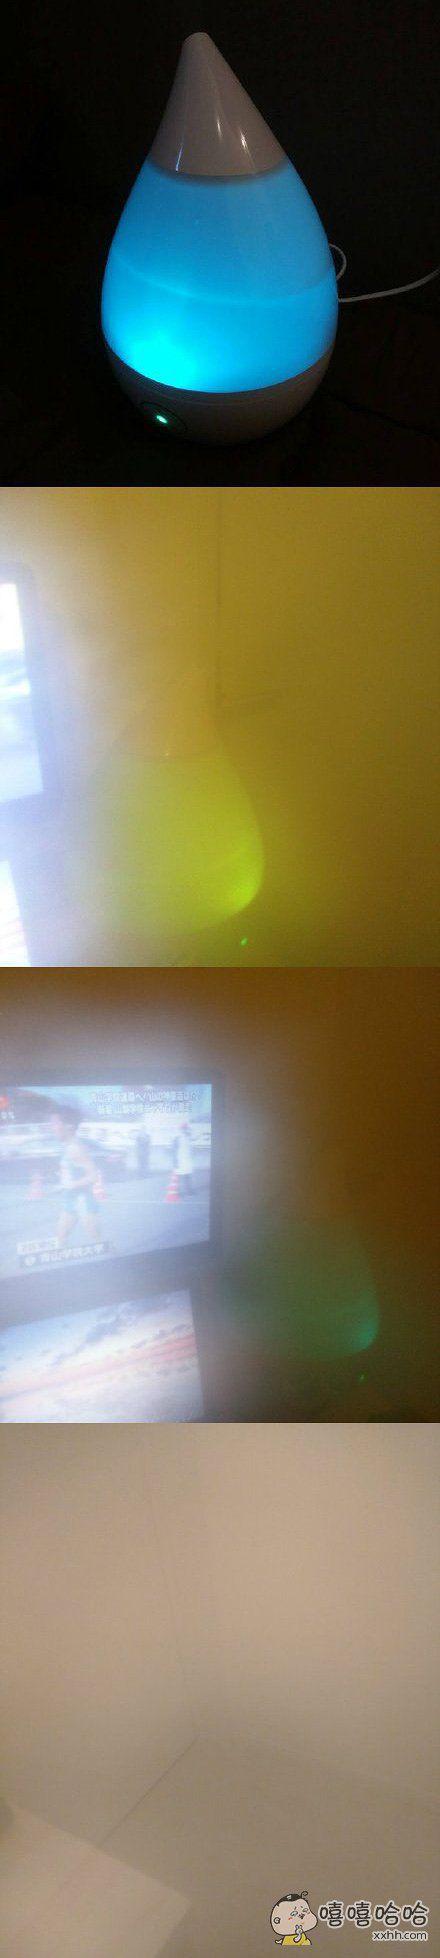 网友展示了她新买的一款加湿器。。。使用后效果拔赞!